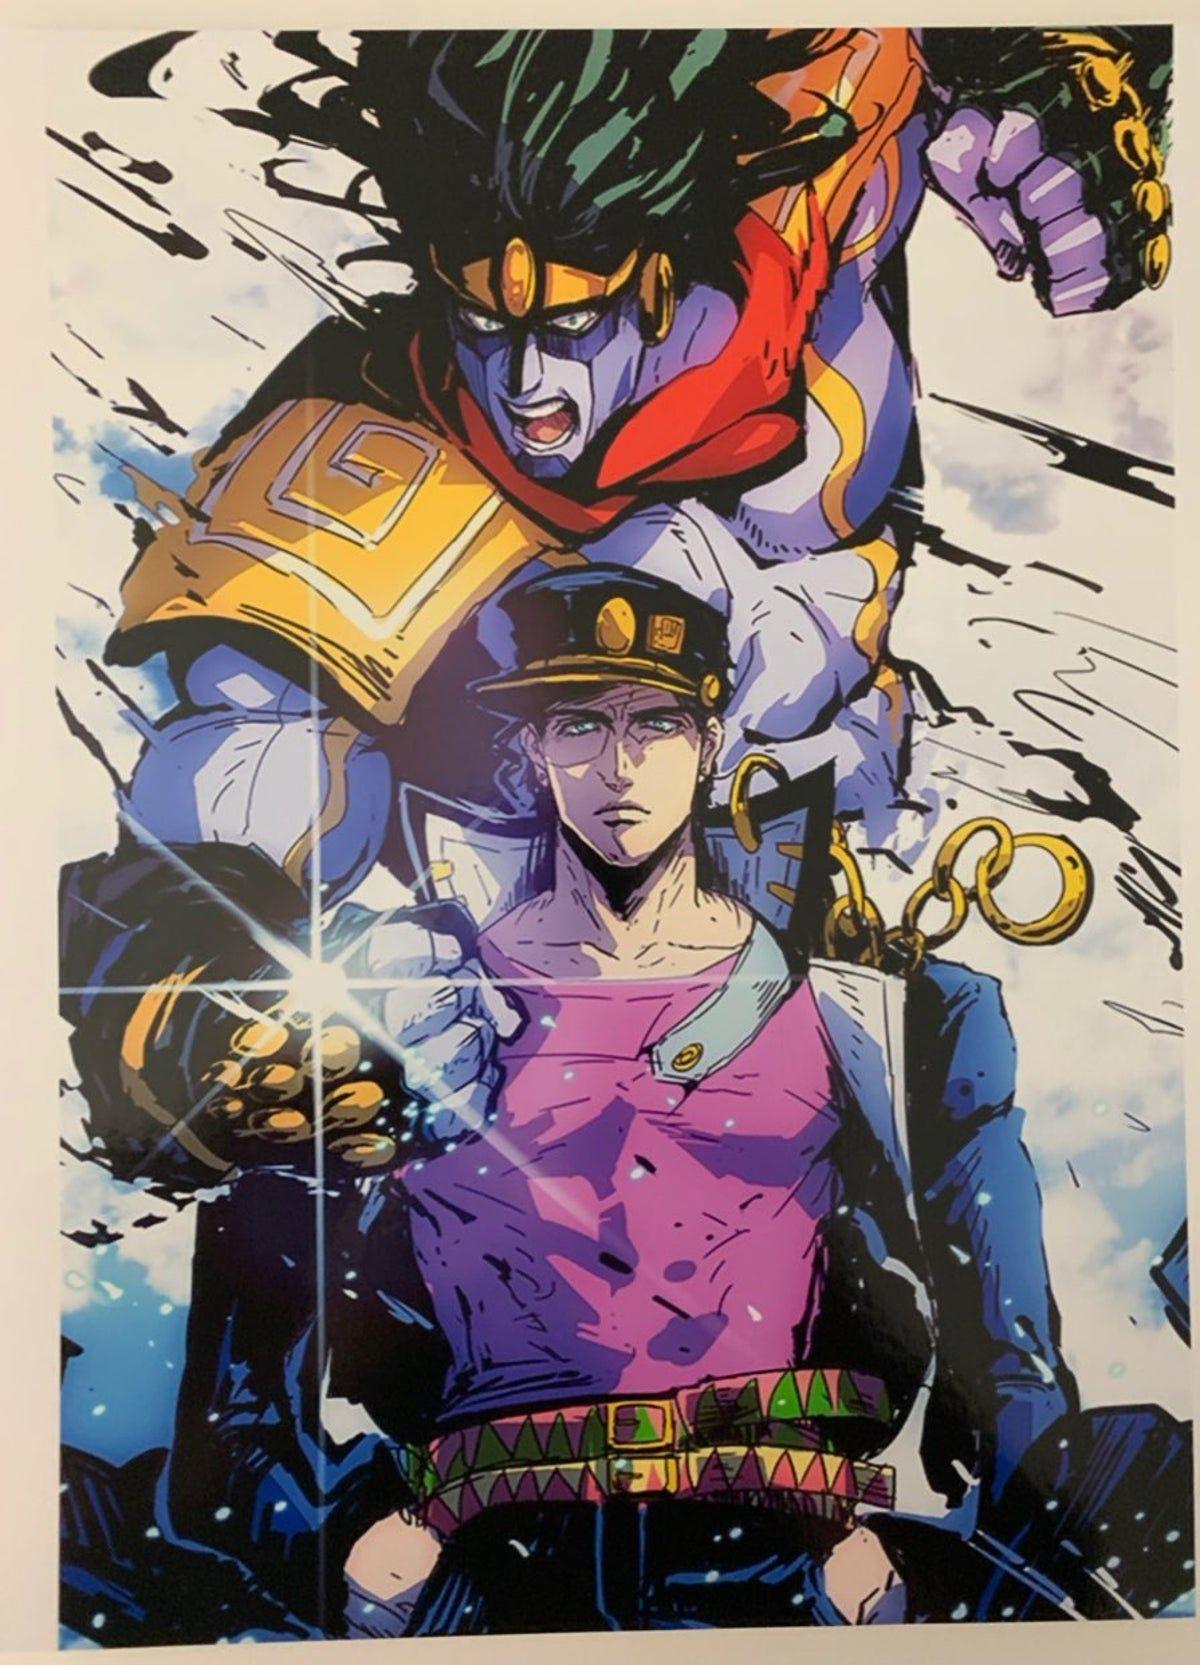 Jojos Bizzare Adventure Poster In 2020 Jojo S Bizarre Adventure Anime Jojos Bizarre Adventure Jotaro Jojo Bizarre